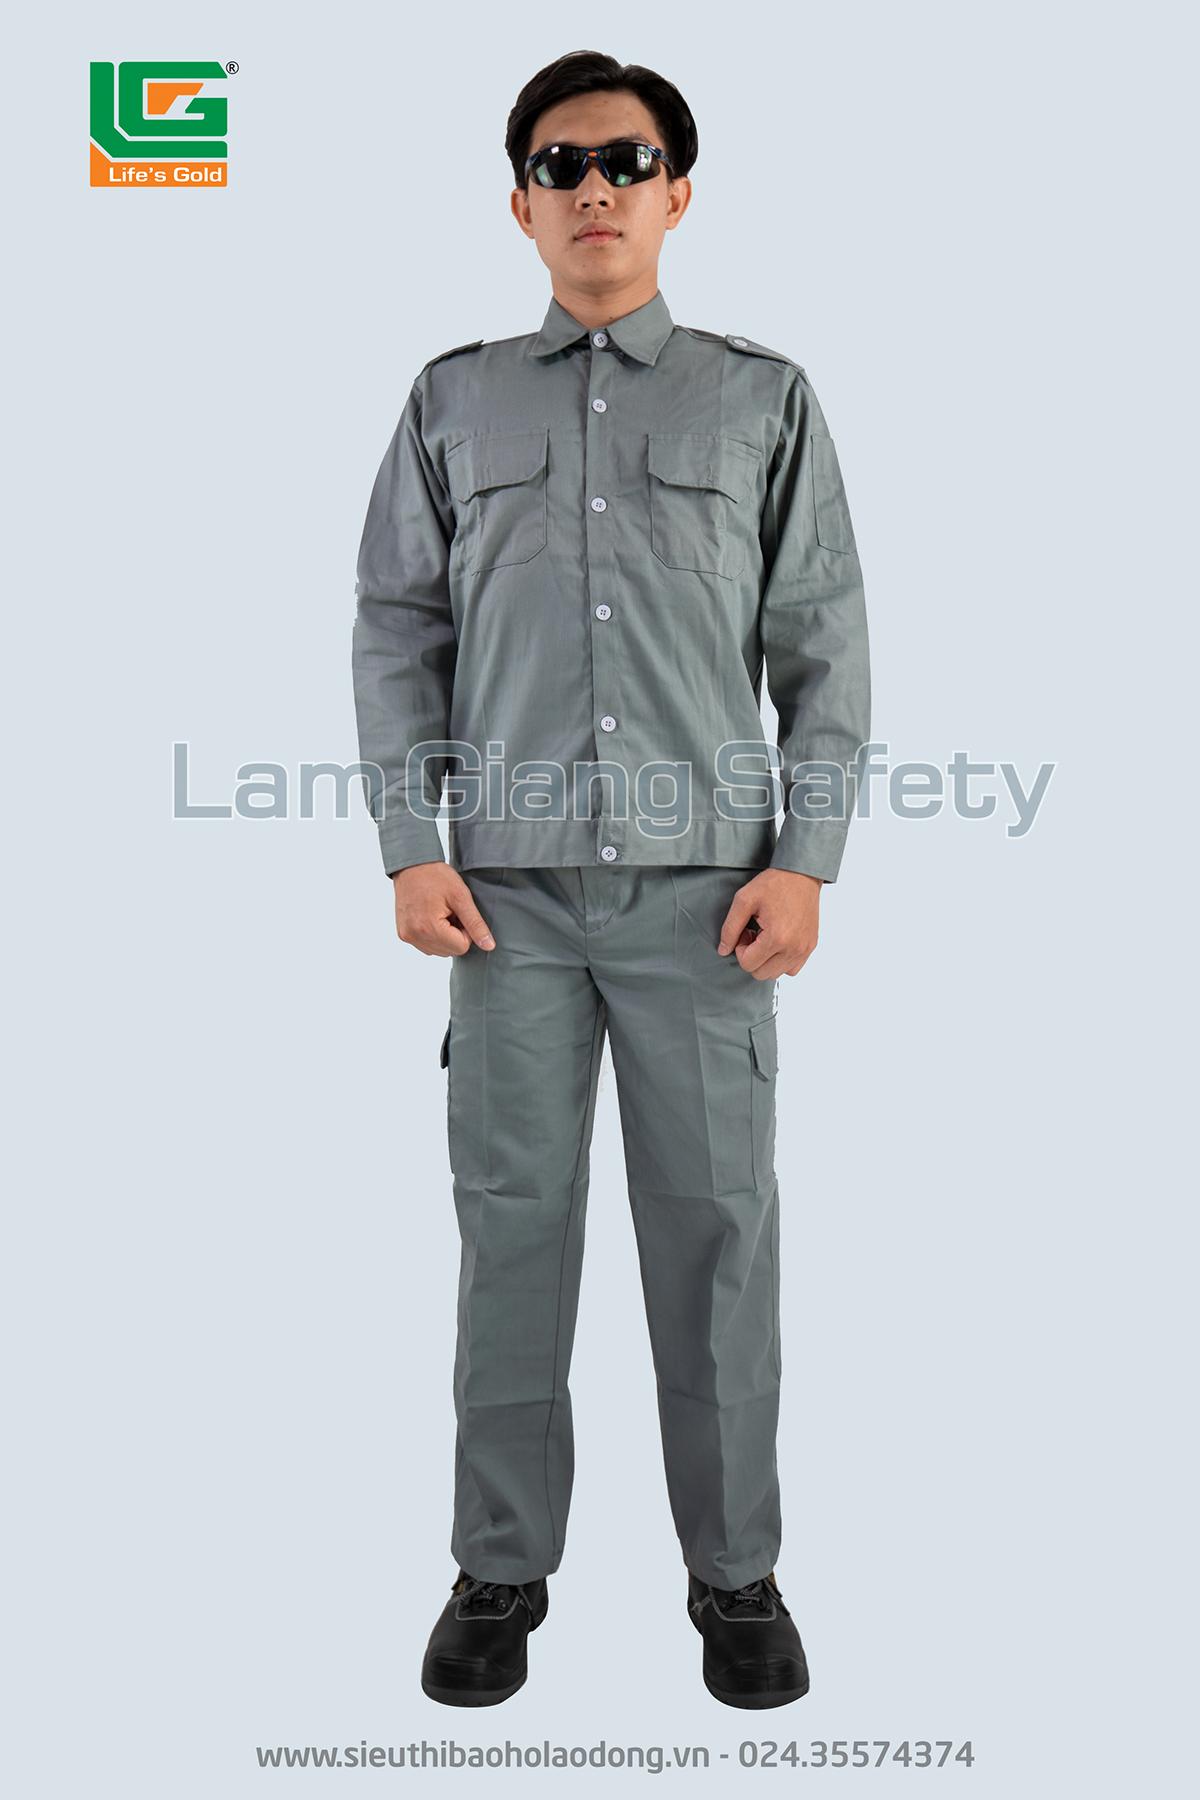 Quần áo kaki màu chì túi hộp Lam Giang